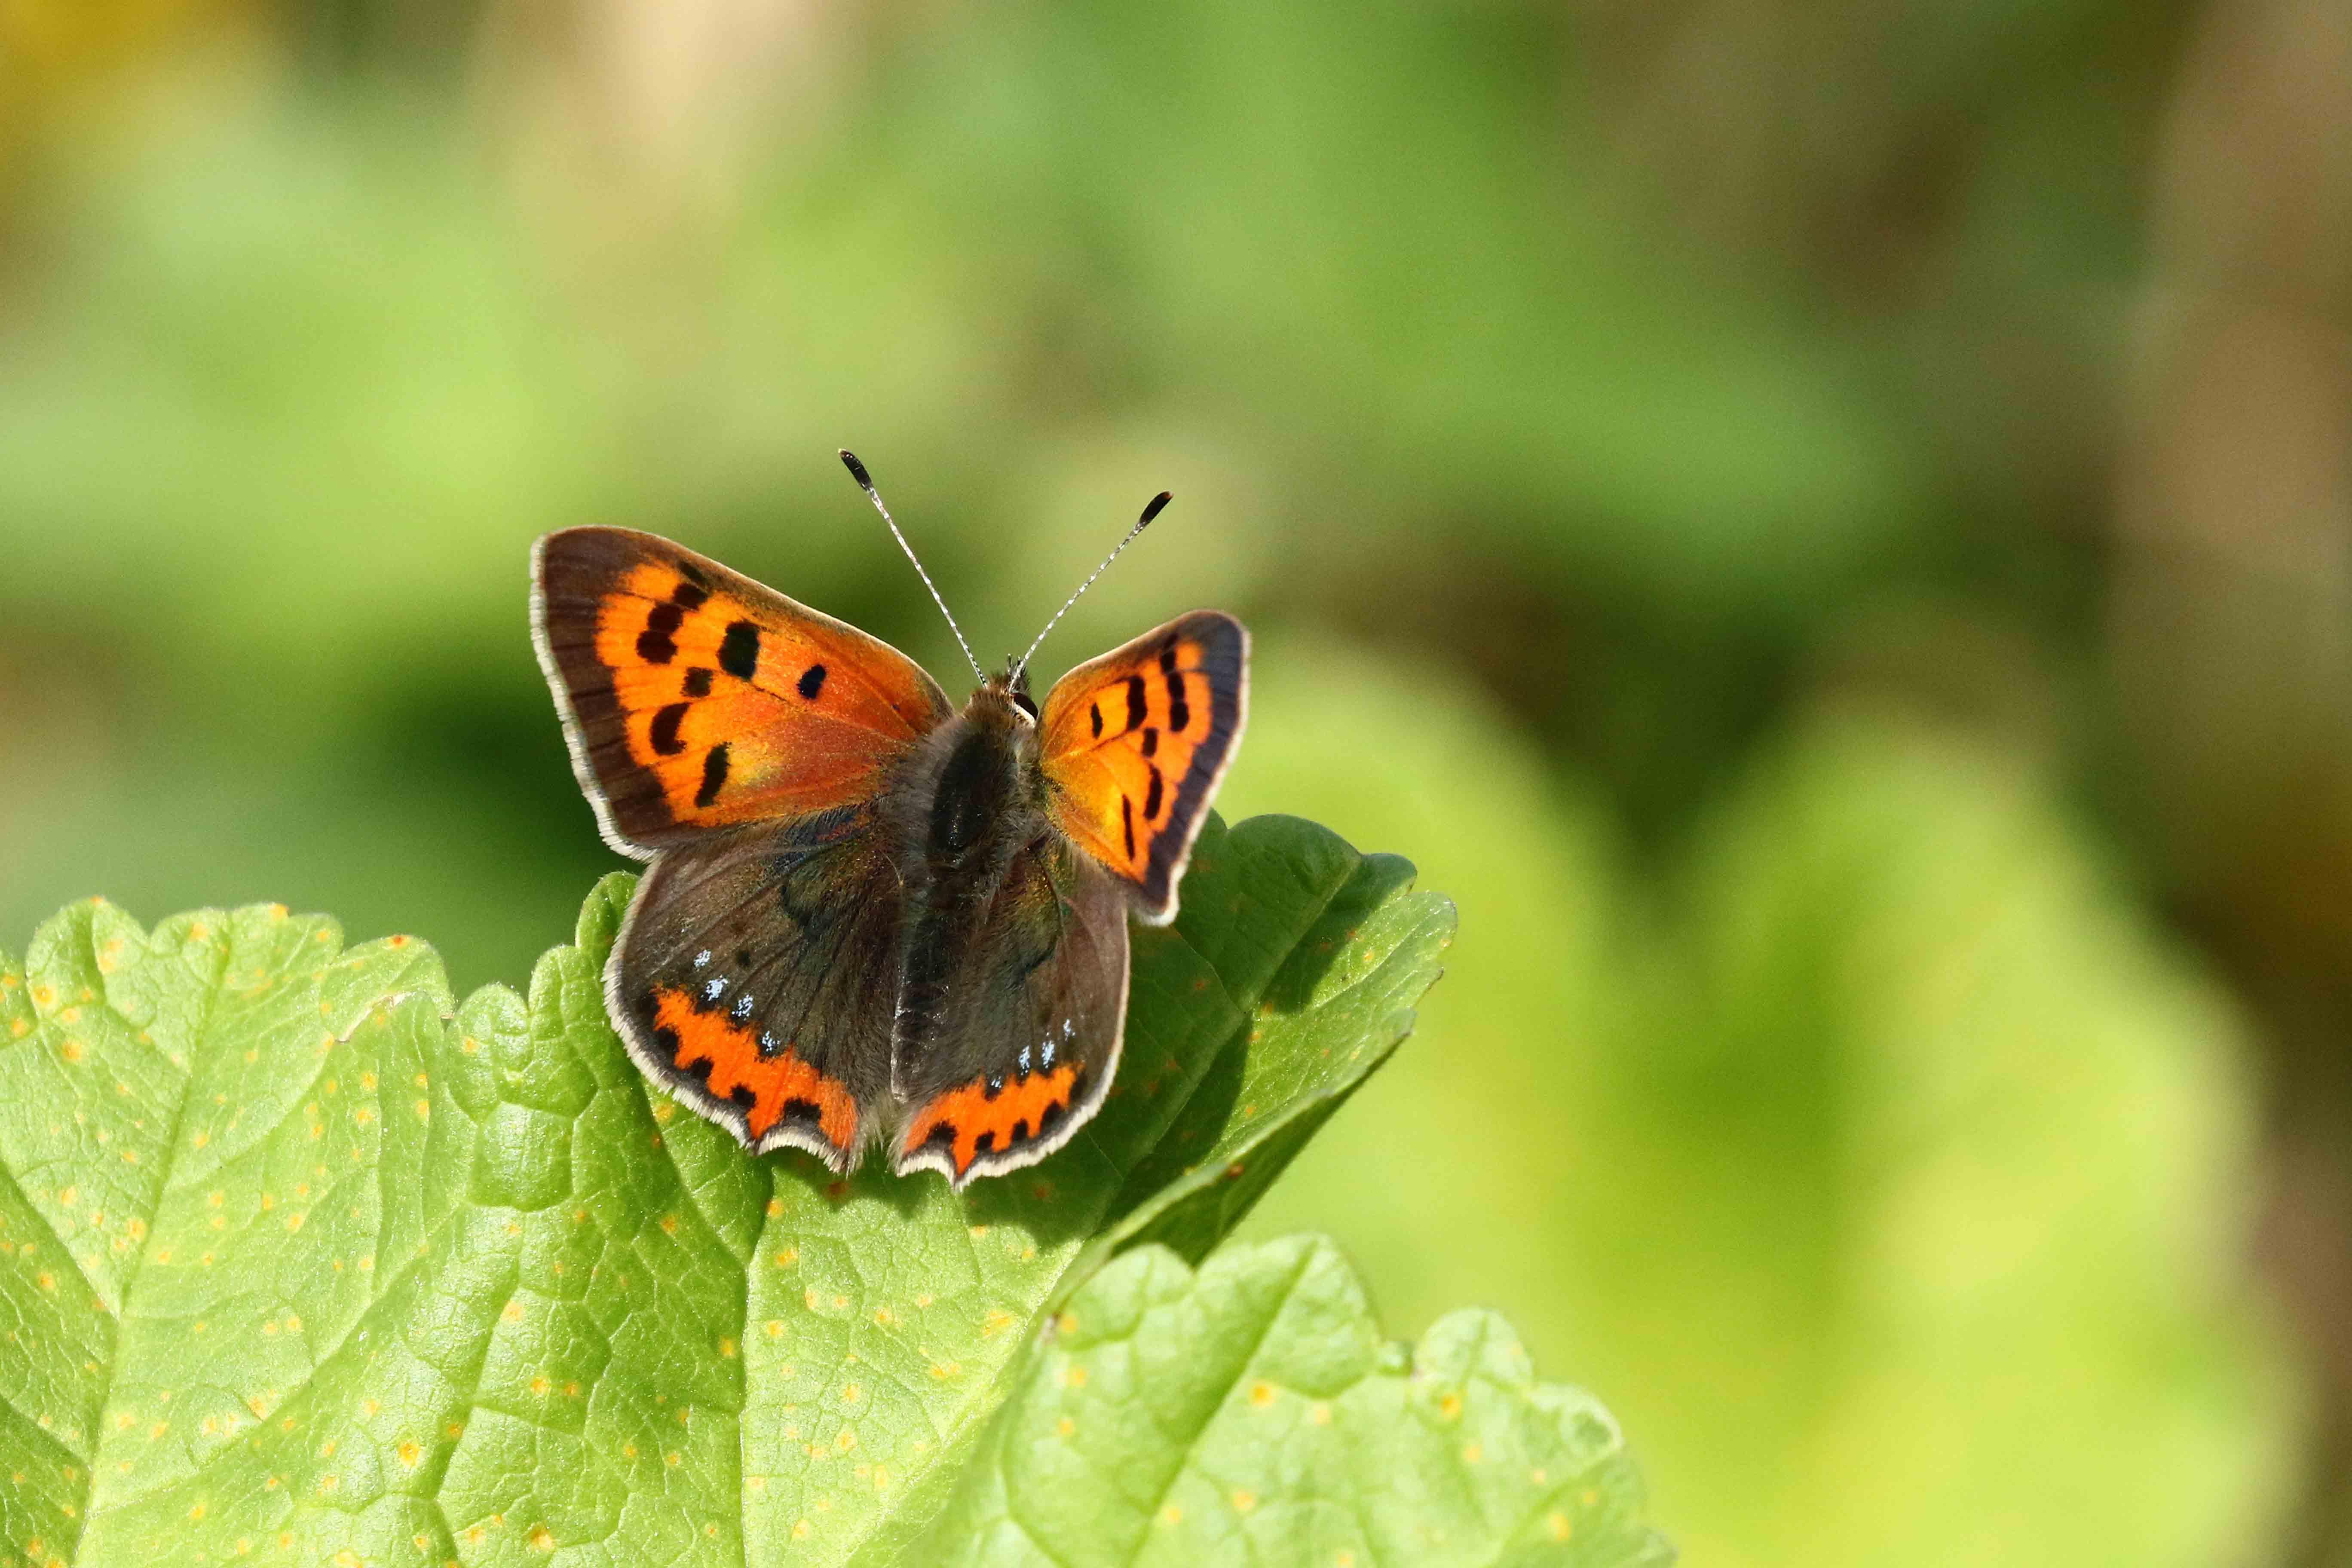 Meer weten over insecten? Kom aanstaand weekend naar het Rundveemuseum in Aartswoud. (Foto: Hanneke de Boer)